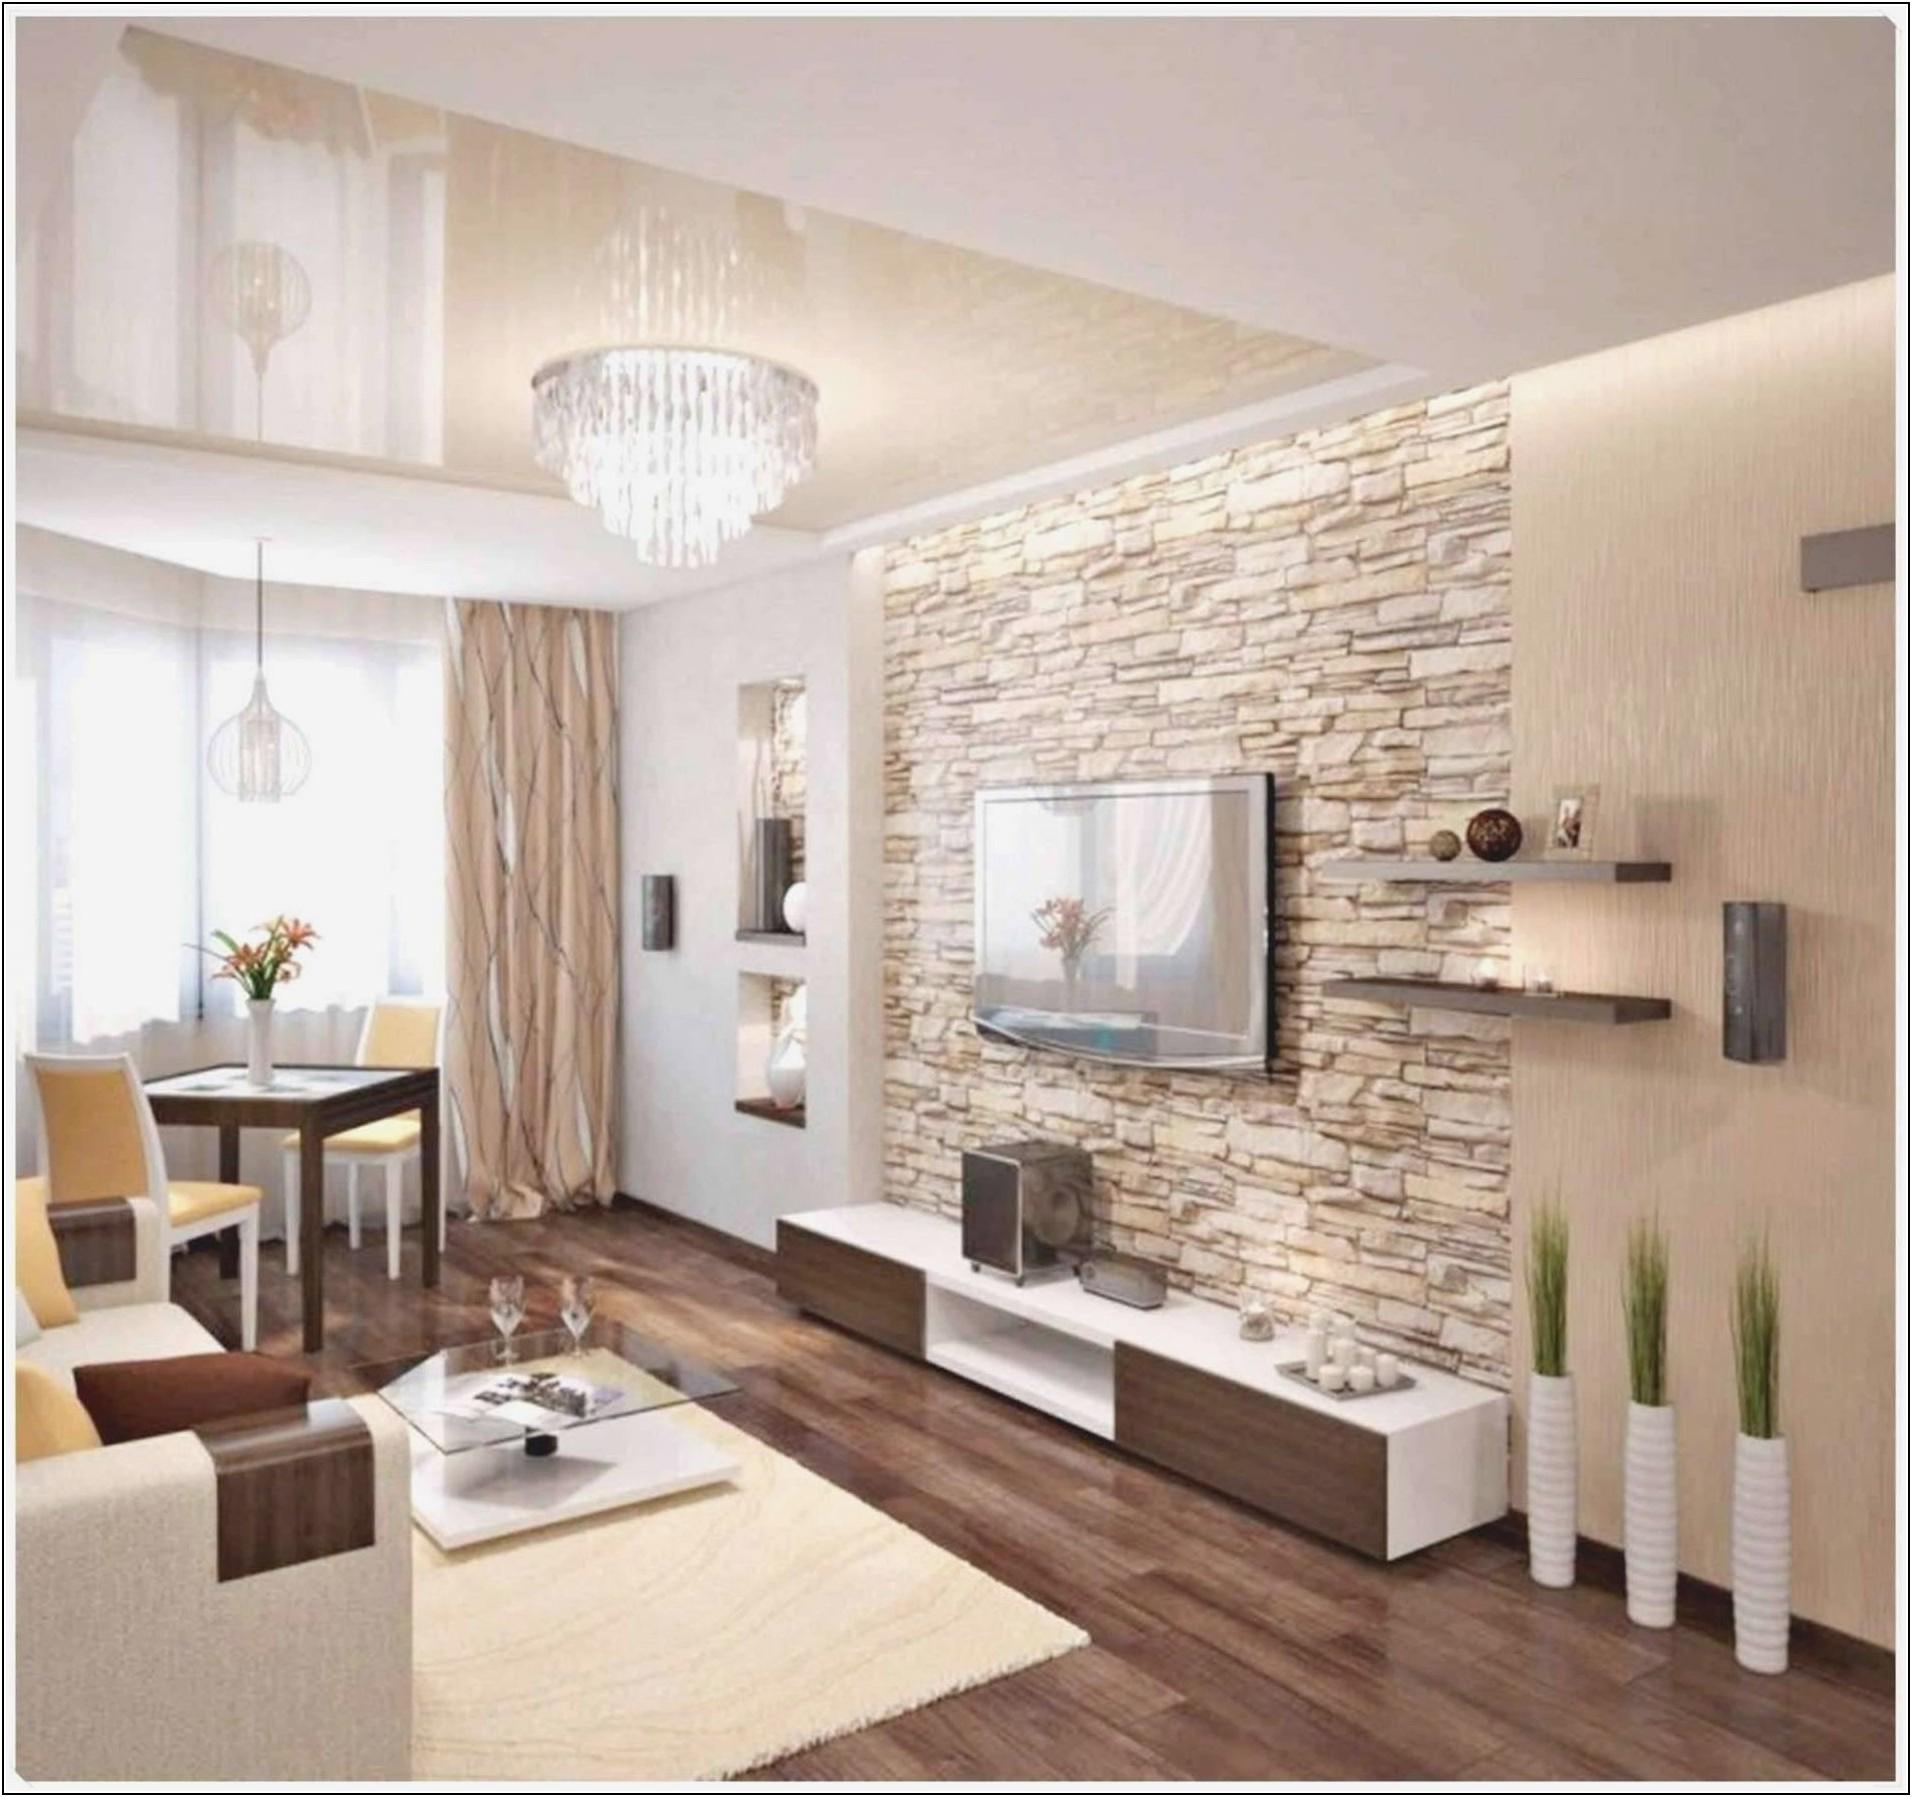 Deko Wohnzimmer Bilder